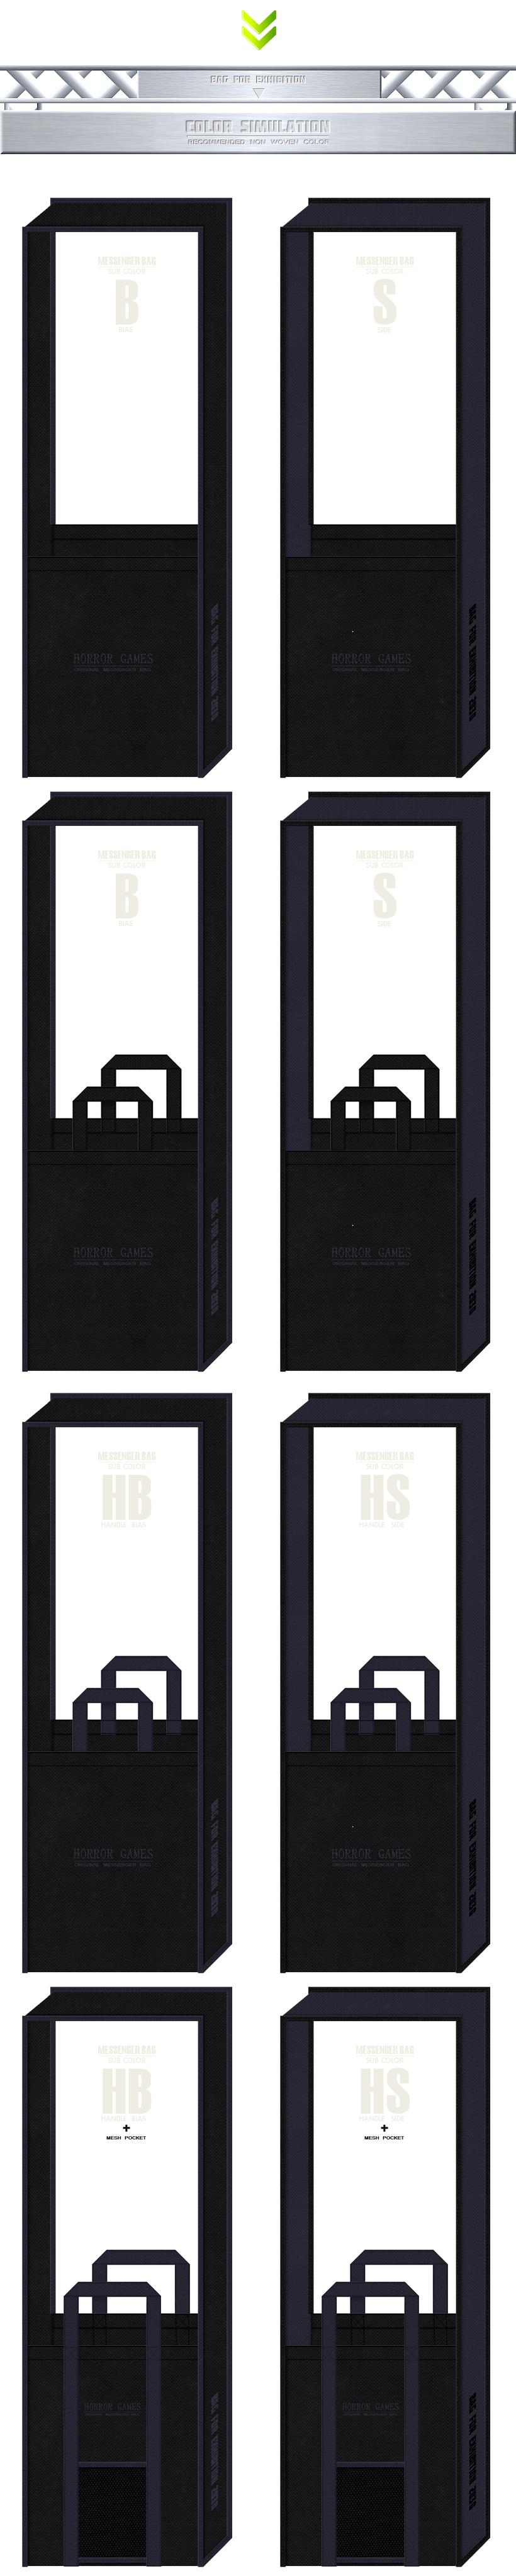 黒色と濃紺色の不織布メッセンジャーバッグのカラーシミュレーション(ホラー・闇夜・地下室・宇宙・ブラックホール):ホラーゲームの展示会用バッグ